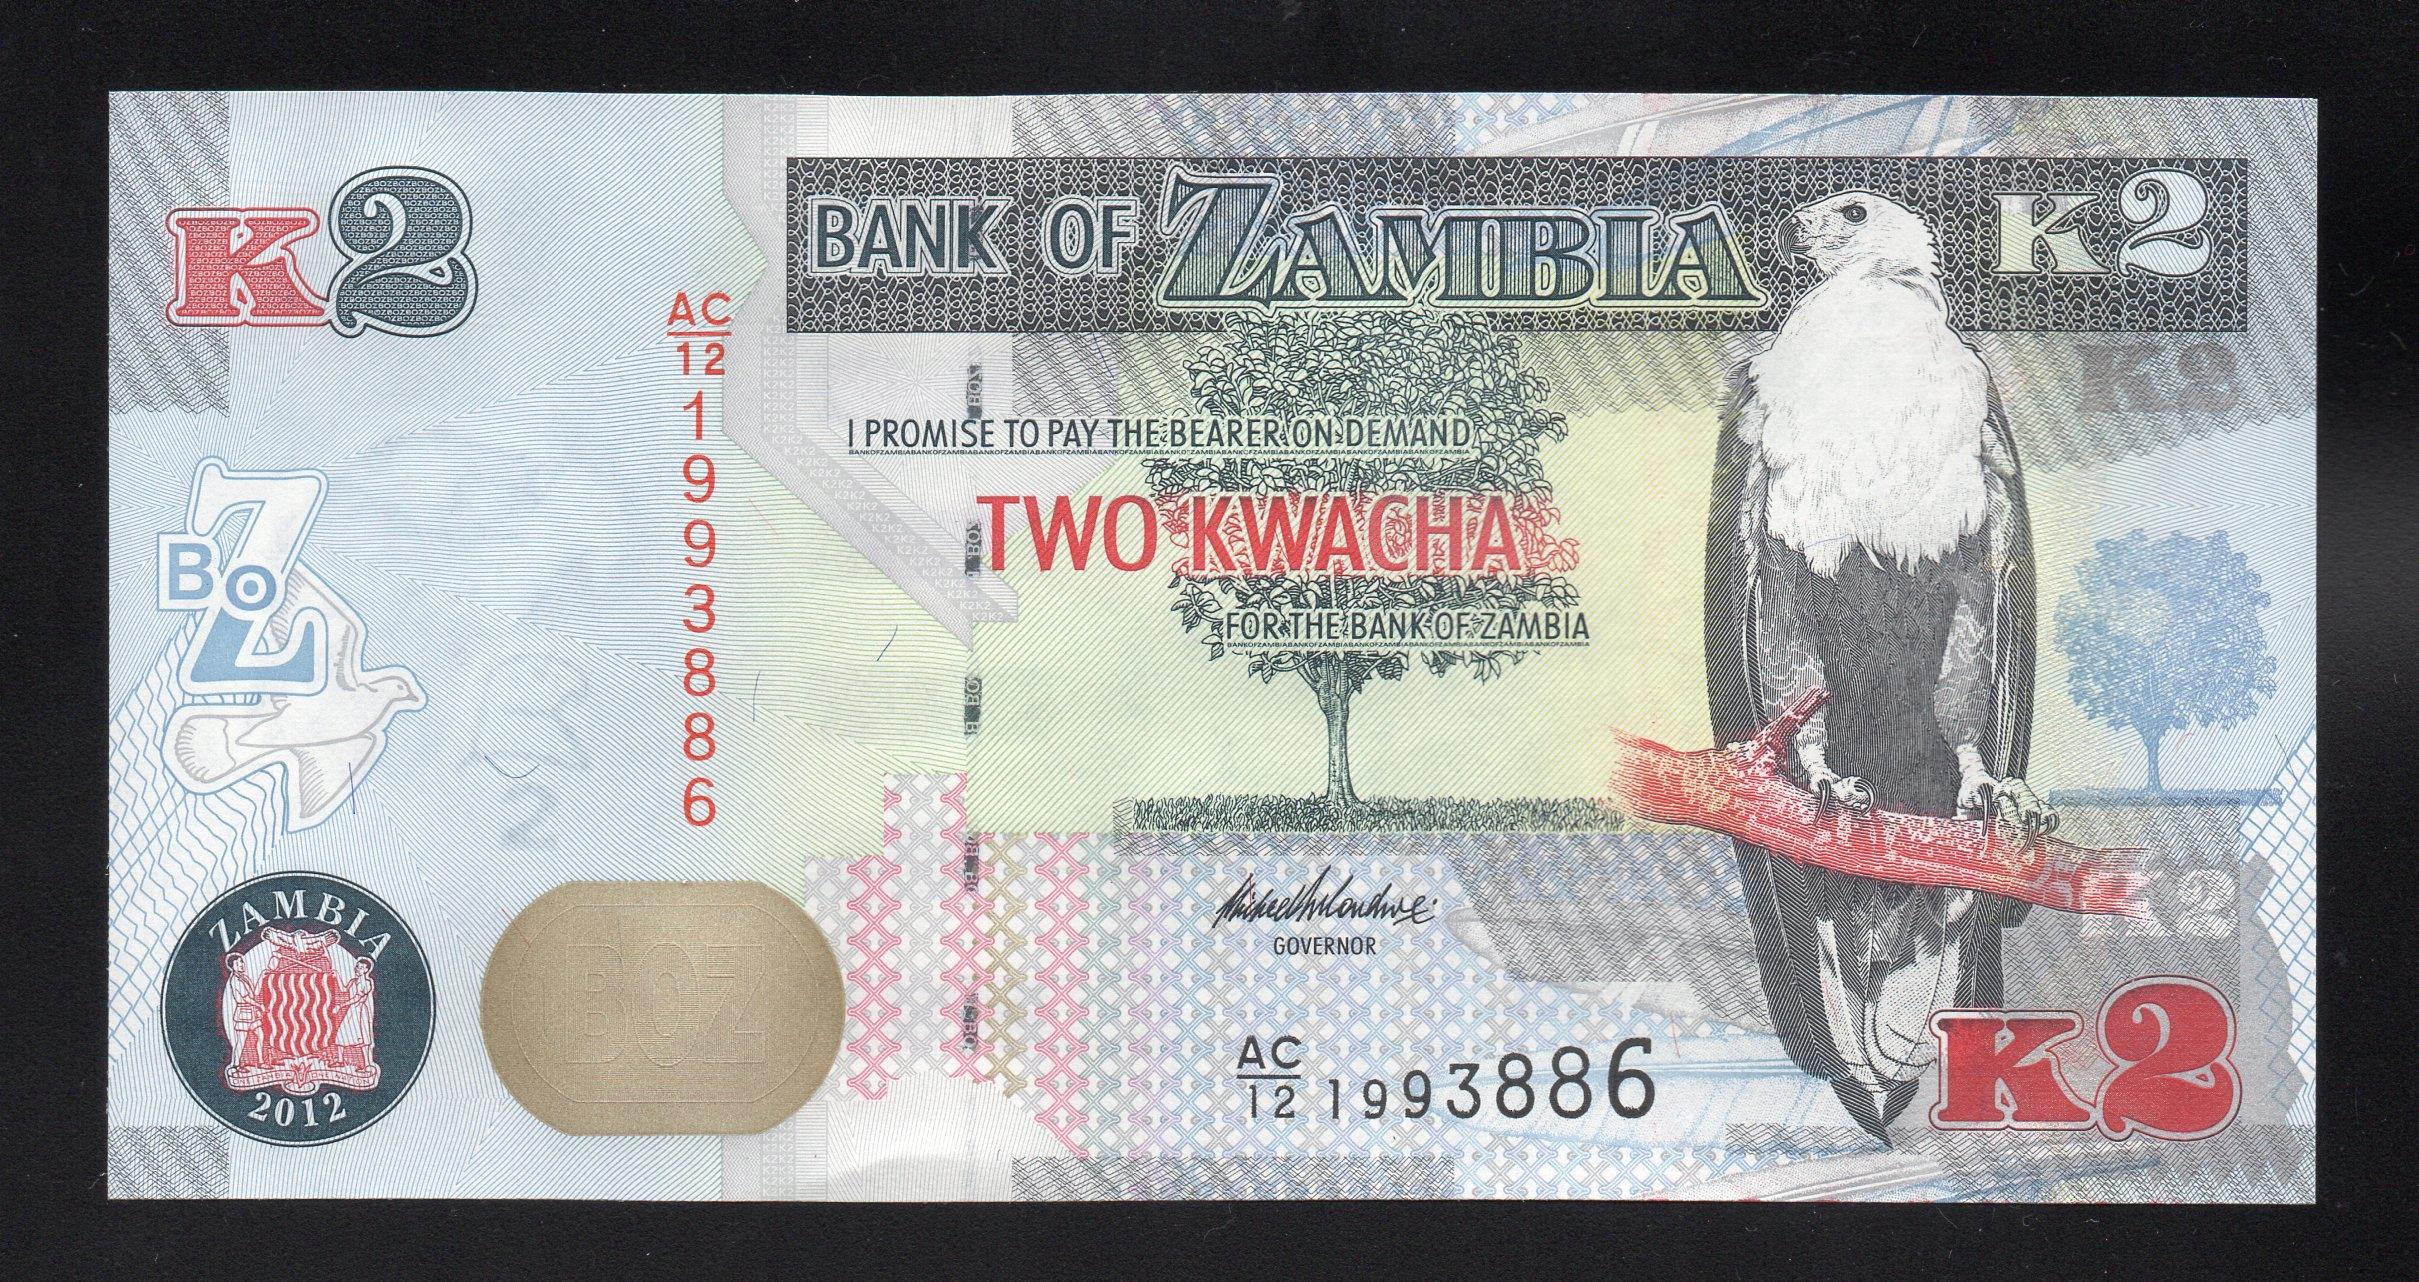 Zambia 2 KWACHA P-49a UNC 2012 seria AA/12